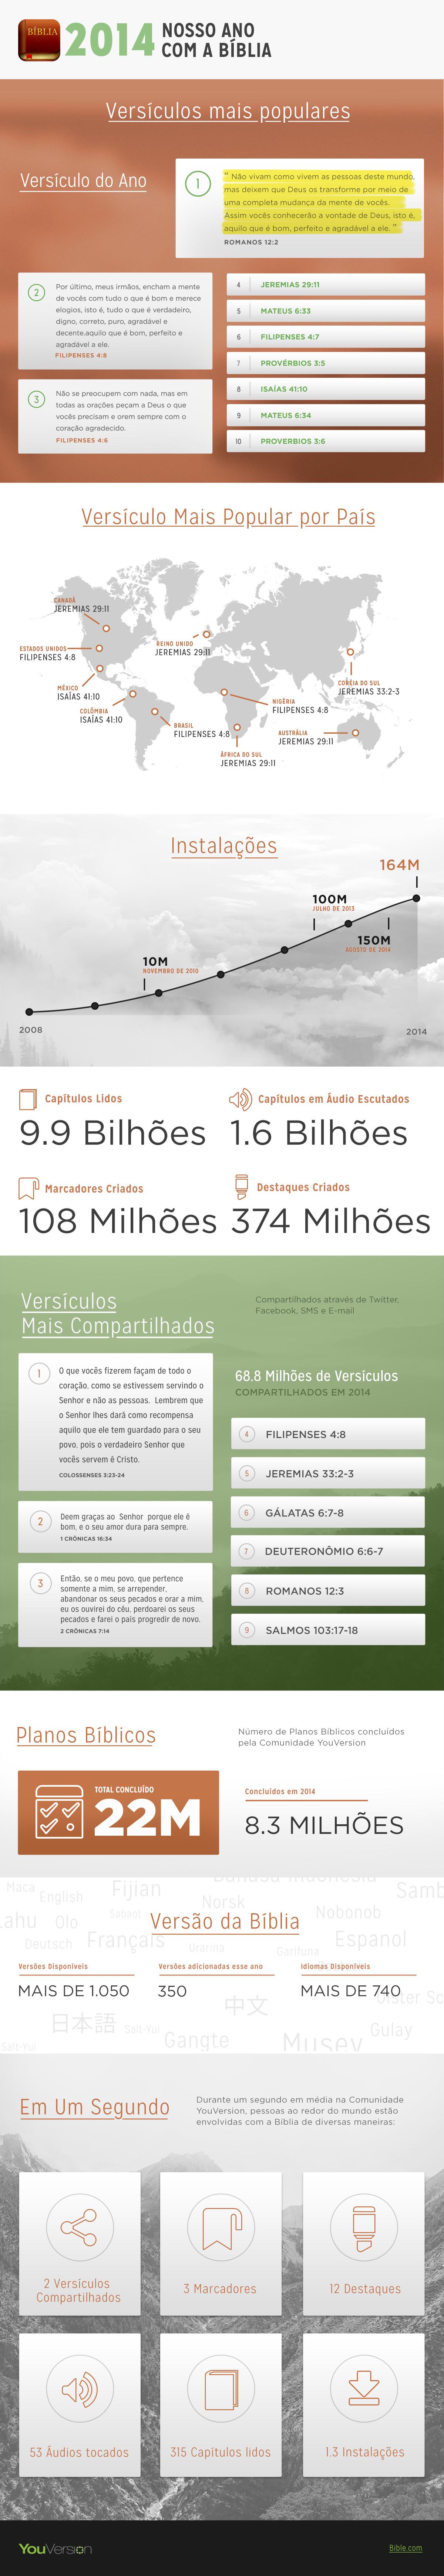 2014-Infographic-Brazillian-Portuguese